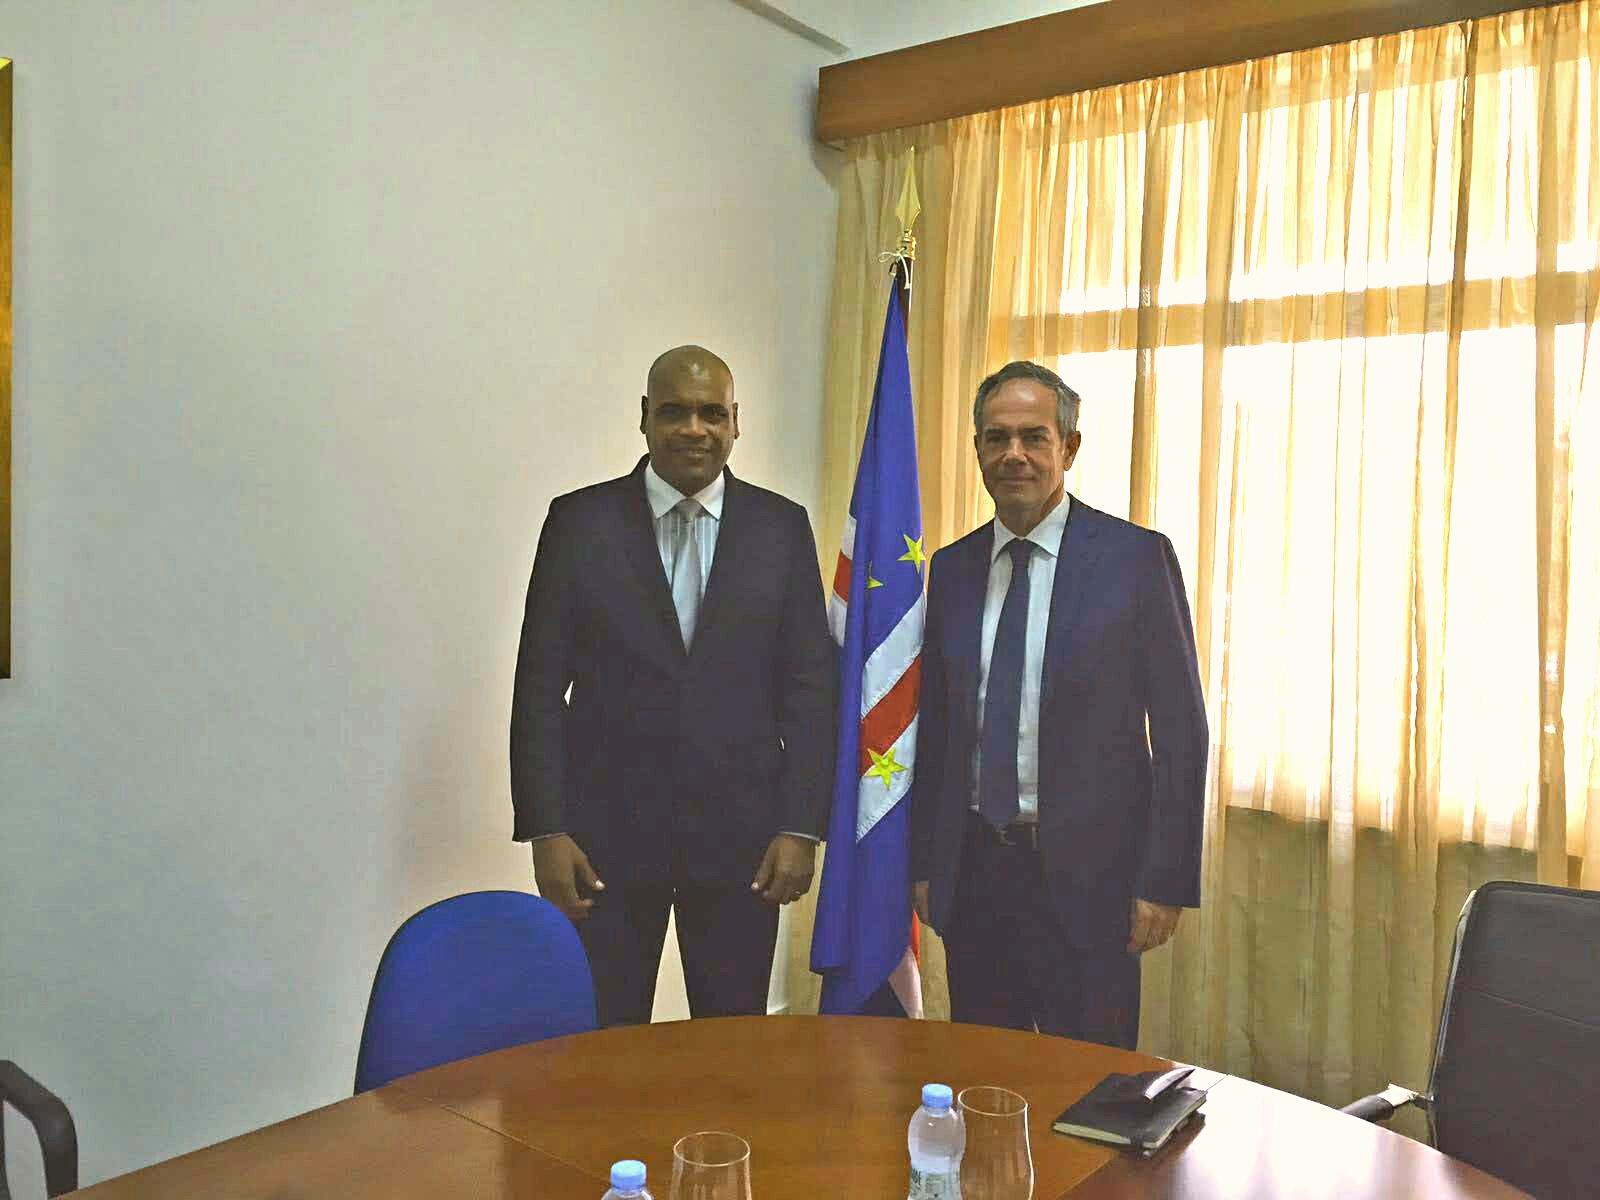 Sérgio Marques reúne-se com ministro da Presidência de Cabo Verde